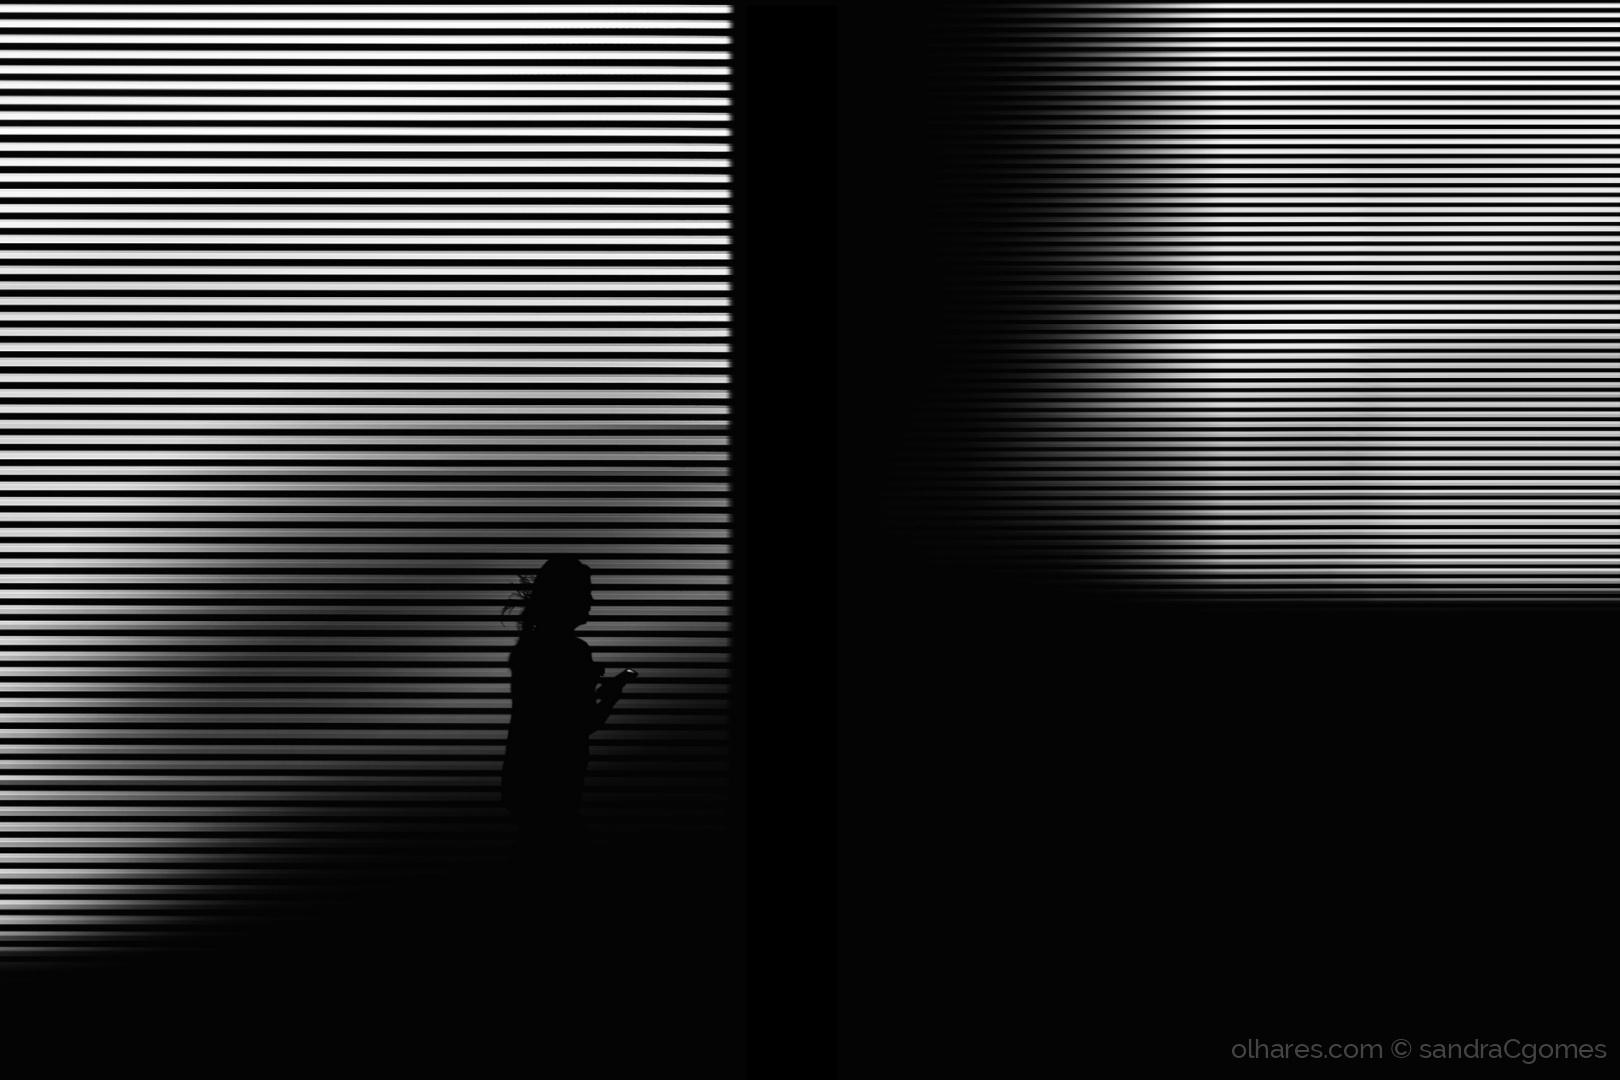 Abstrato/53 - 2019